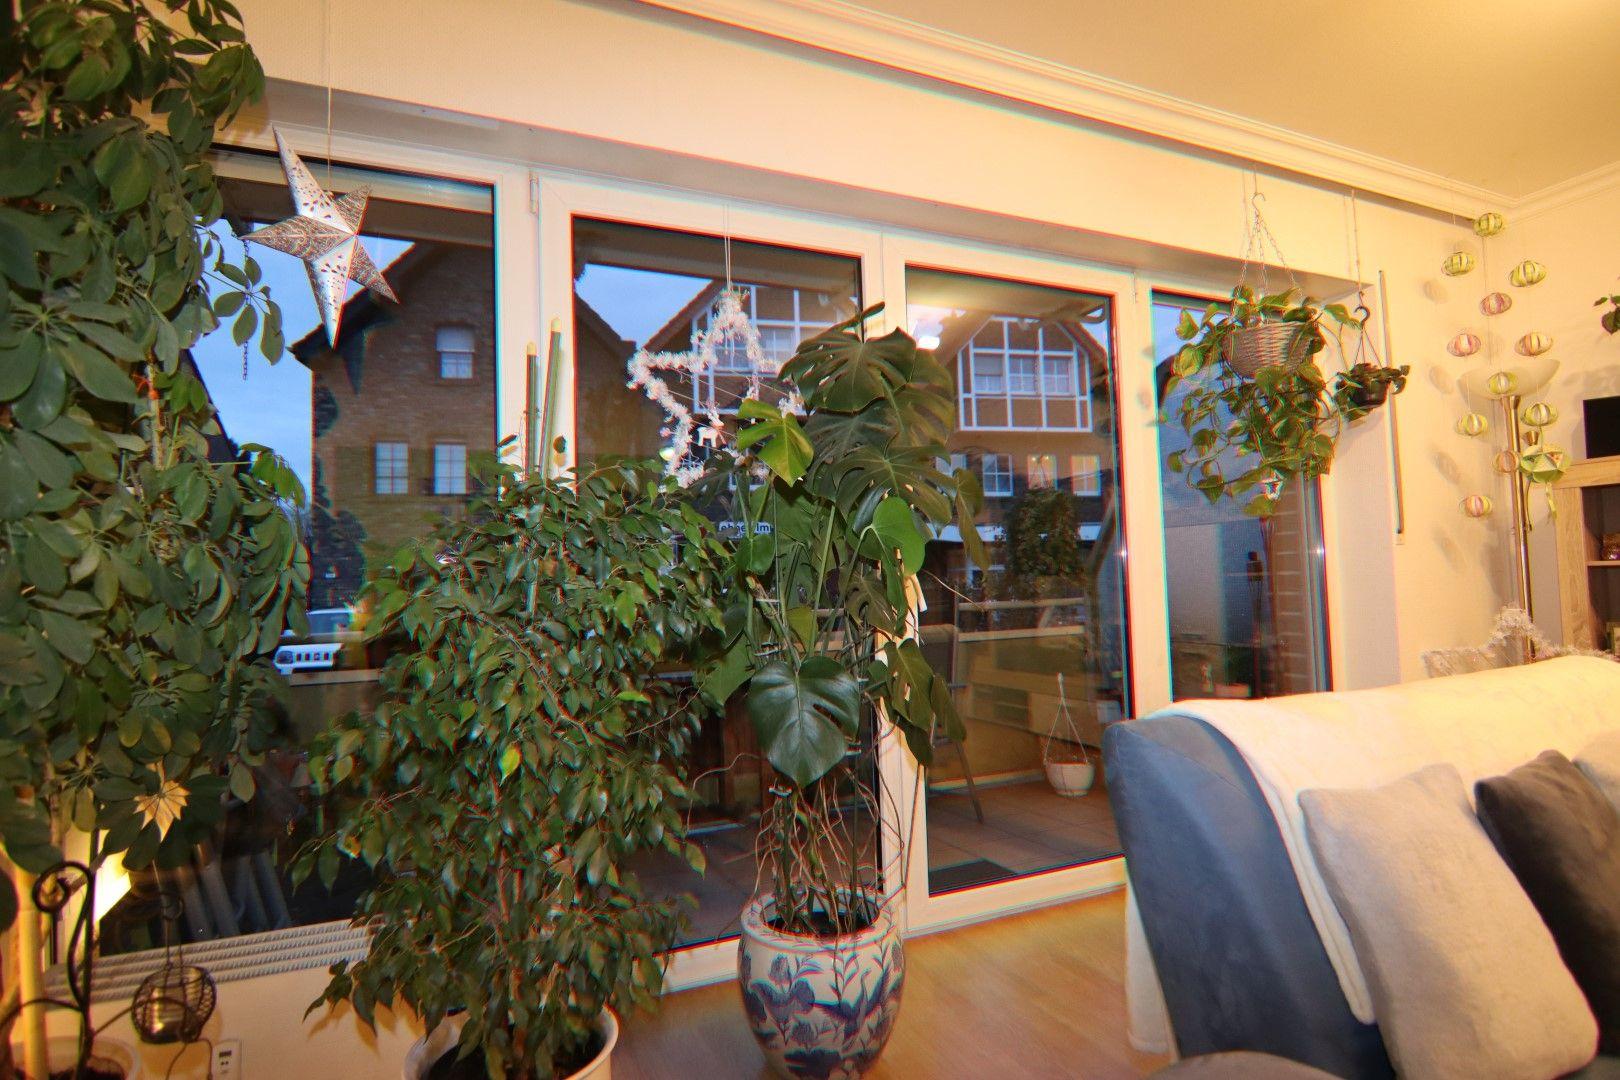 Immobilie Nr.0288 - 4 Zimmer EG-Wohnung mit 2 Bädern und 2 Balkonen - Bild 4.jpg